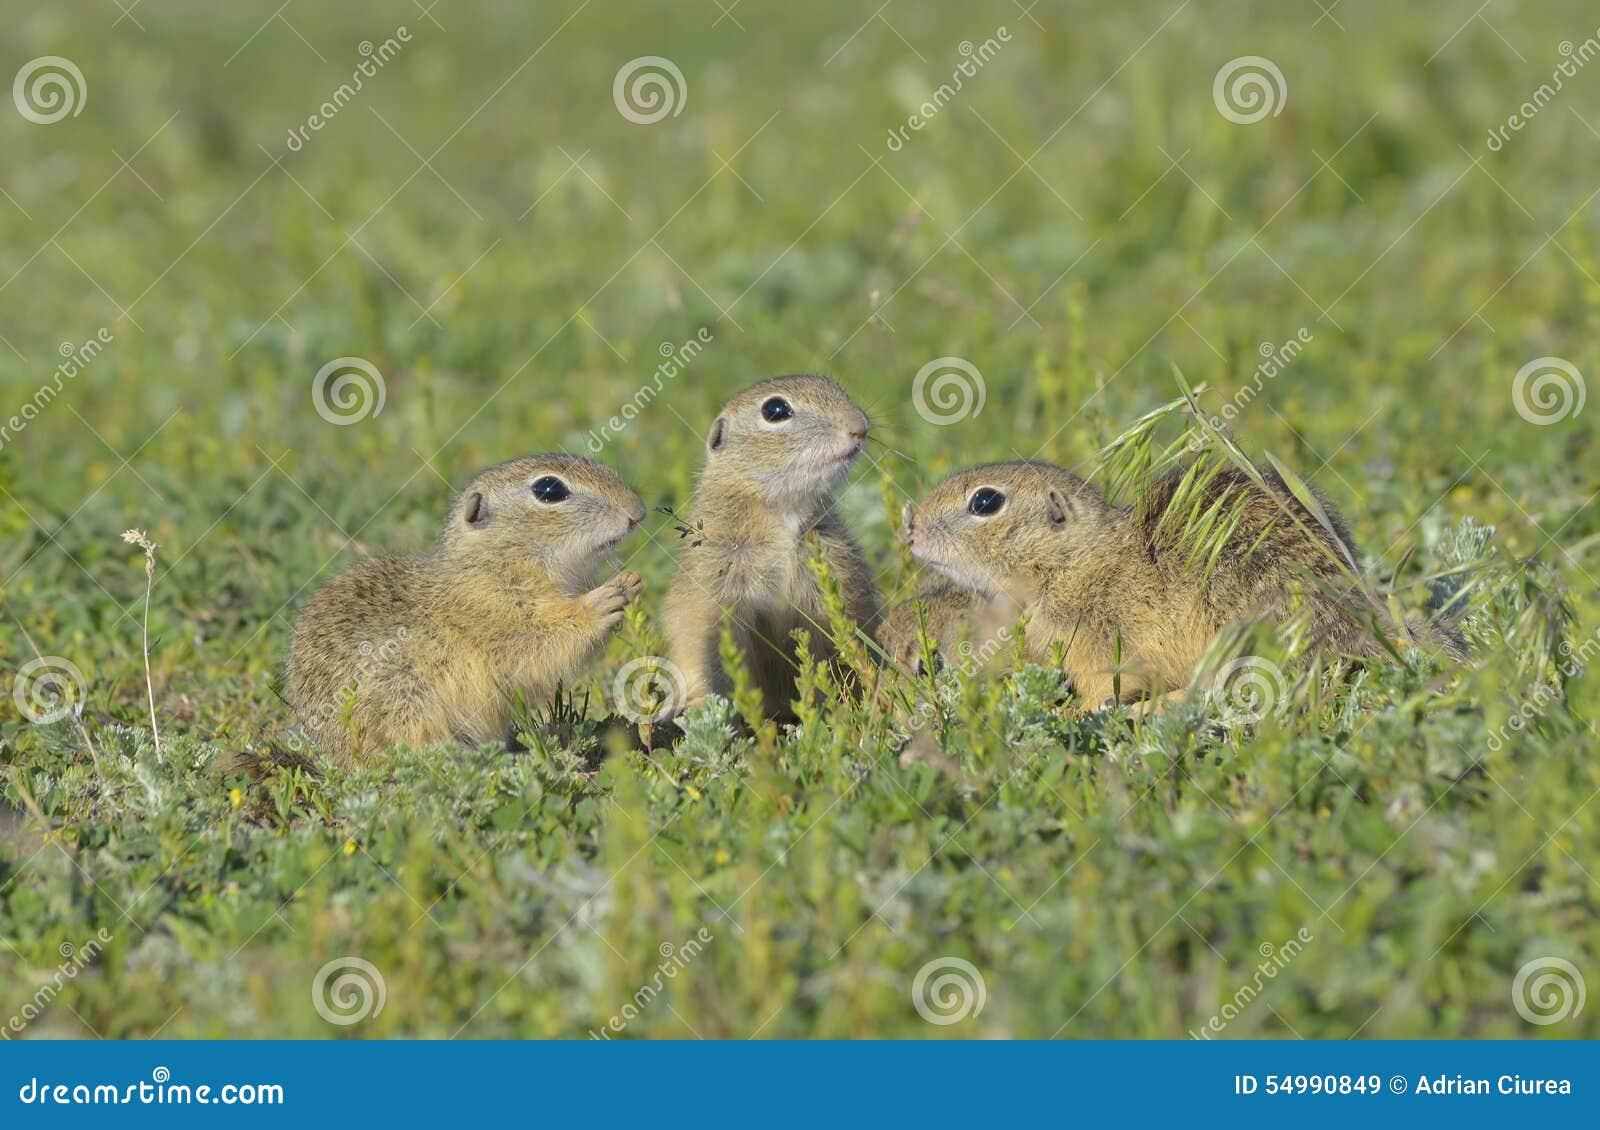 黄鼠属欧洲地面地面松鼠类灰鼠